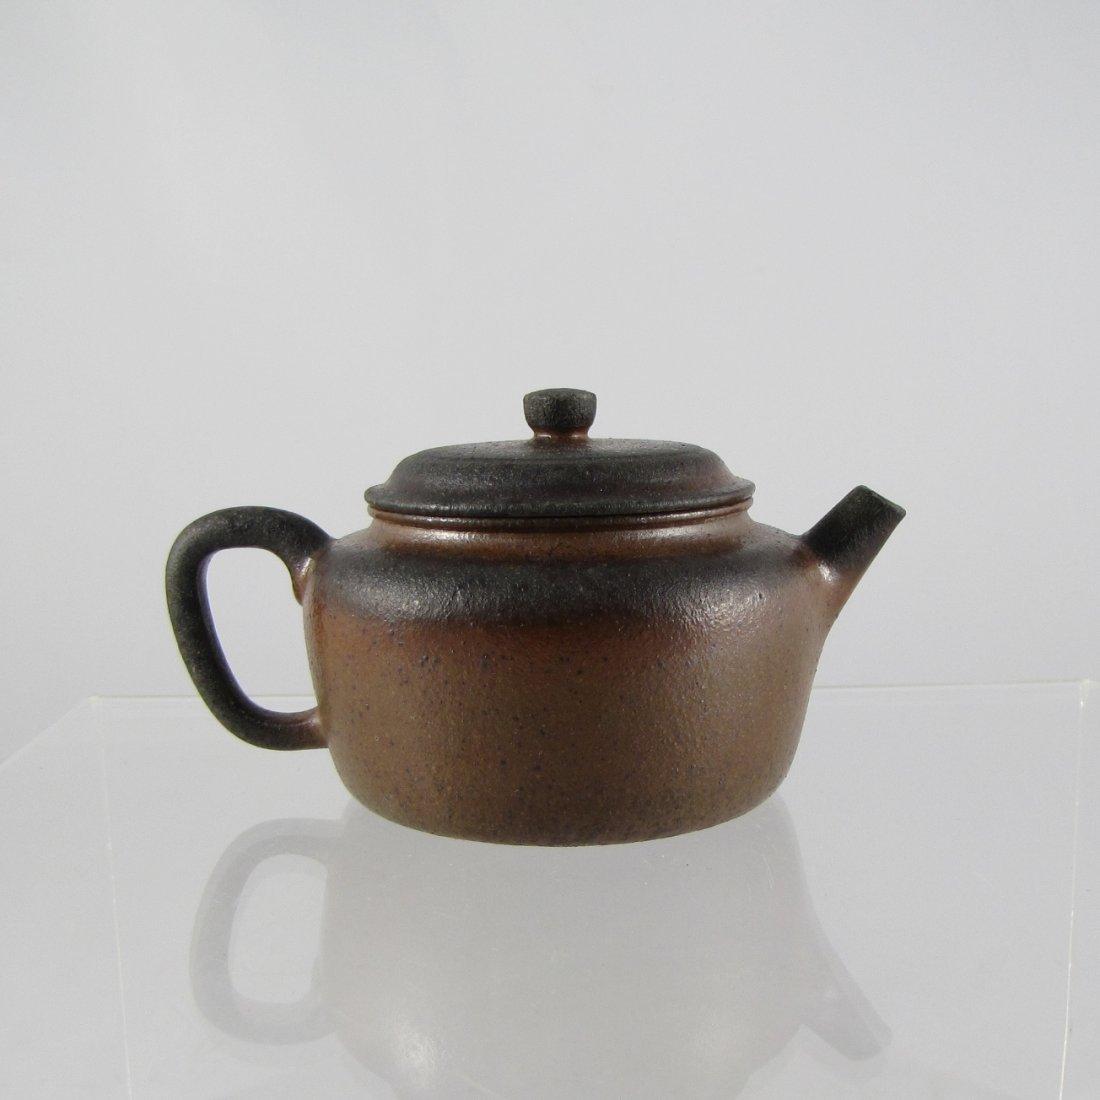 A Yixing Zisha Teapot